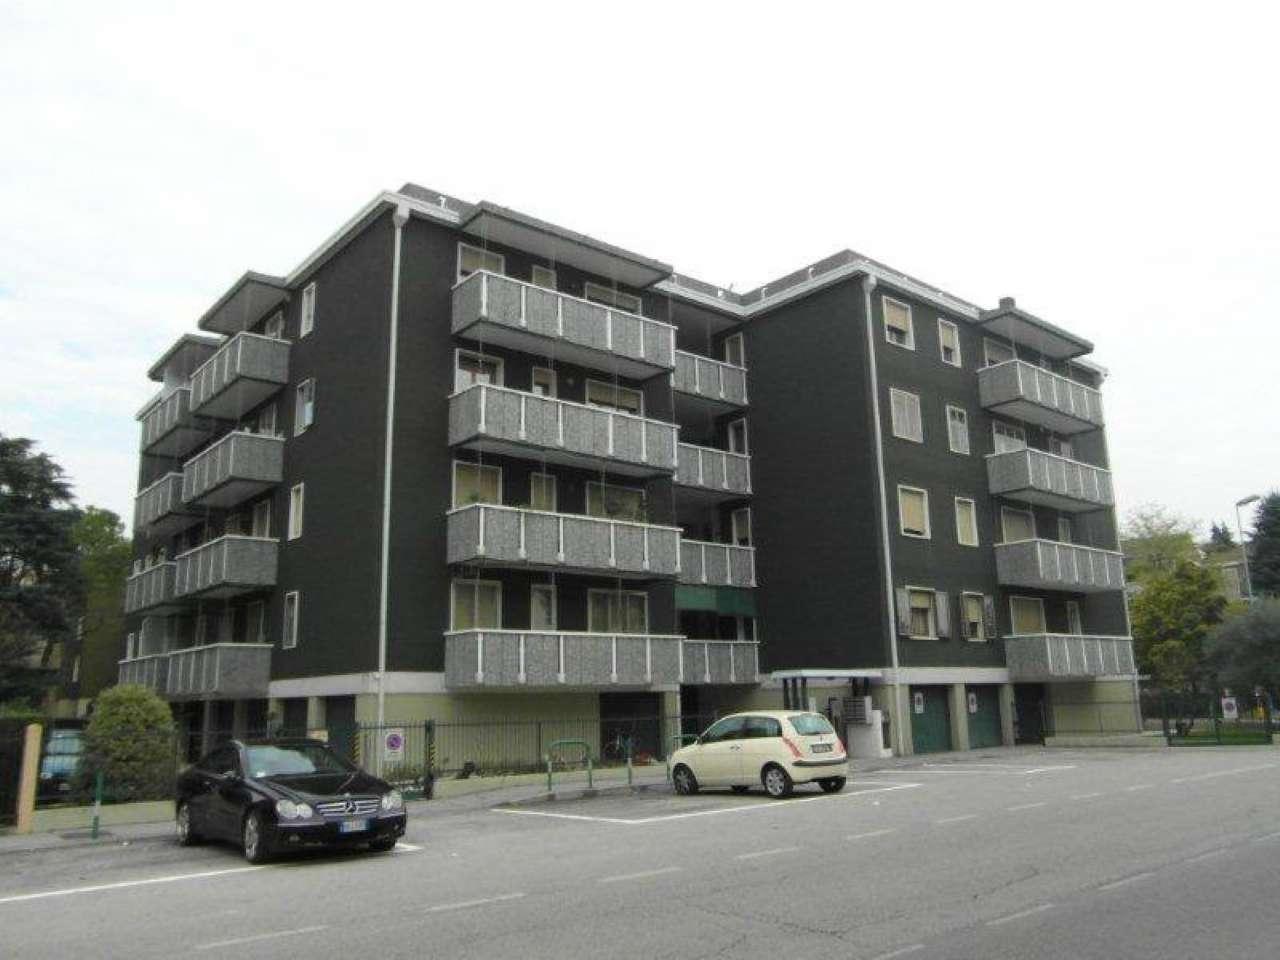 Appartamento in vendita a Padova, 5 locali, zona Zona: 2 . Nord (Arcella, S.Carlo, Pontevigodarzere), prezzo € 80.000 | Cambio Casa.it